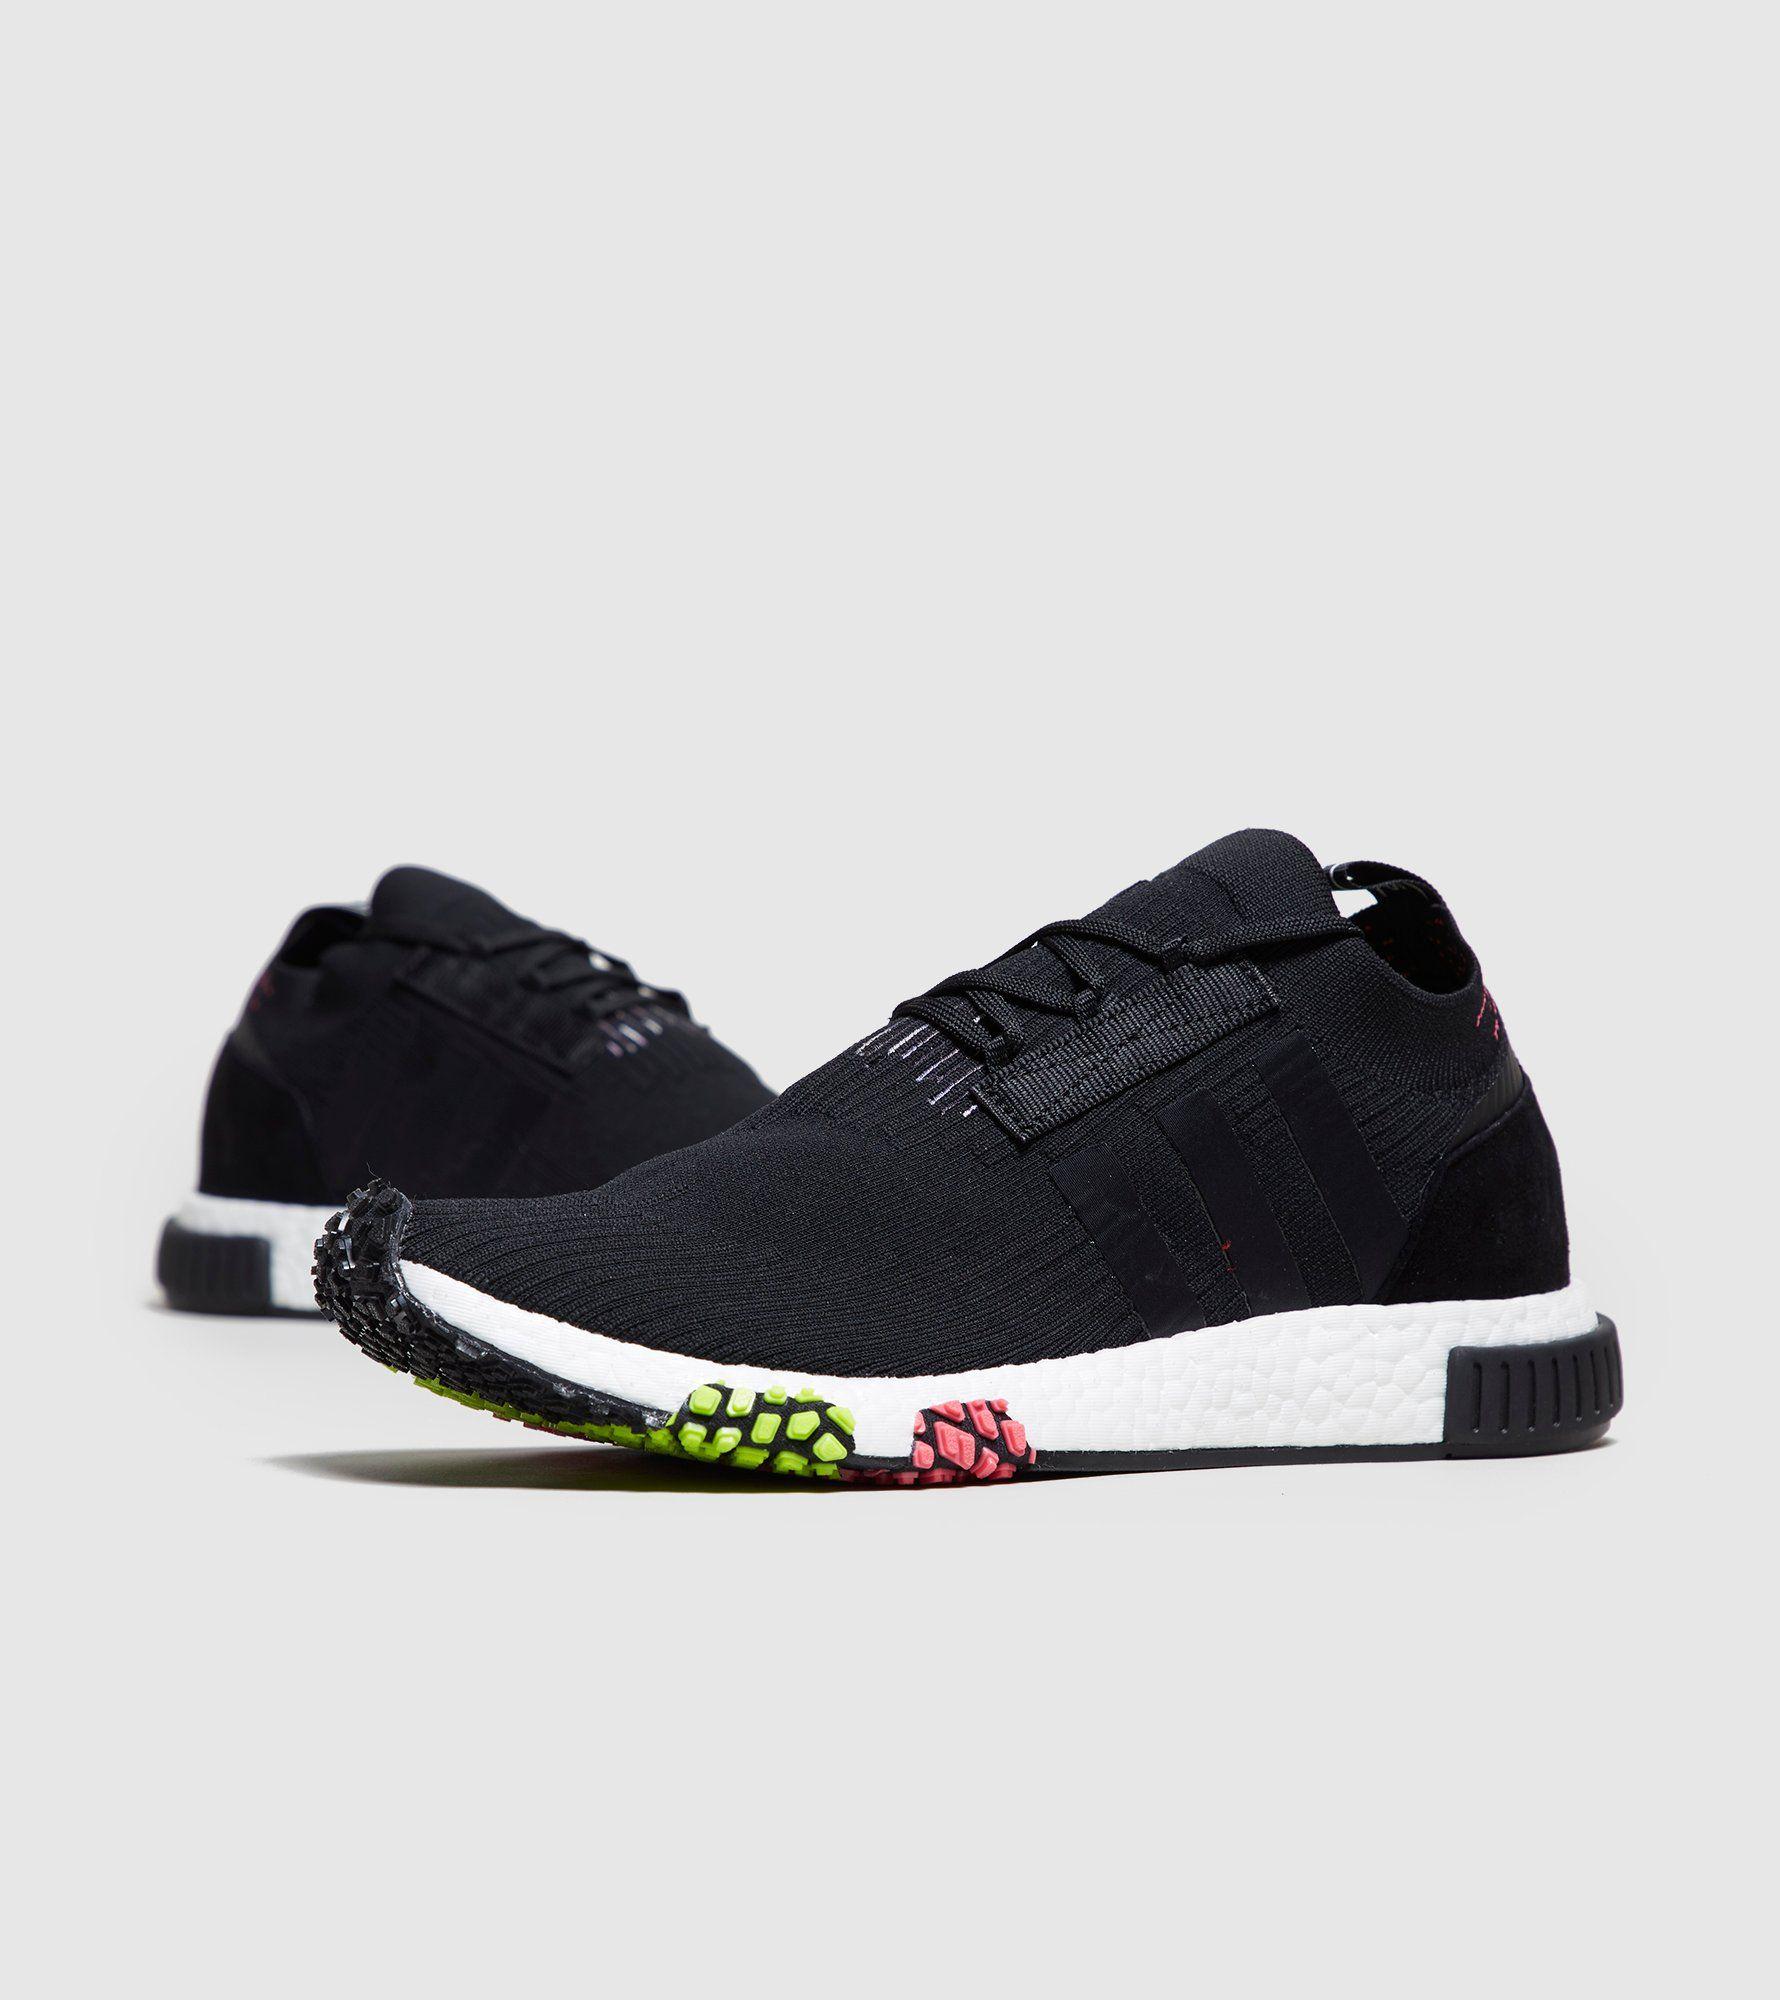 adidas originali nmdracer primeknit scarpe x17v5cerz